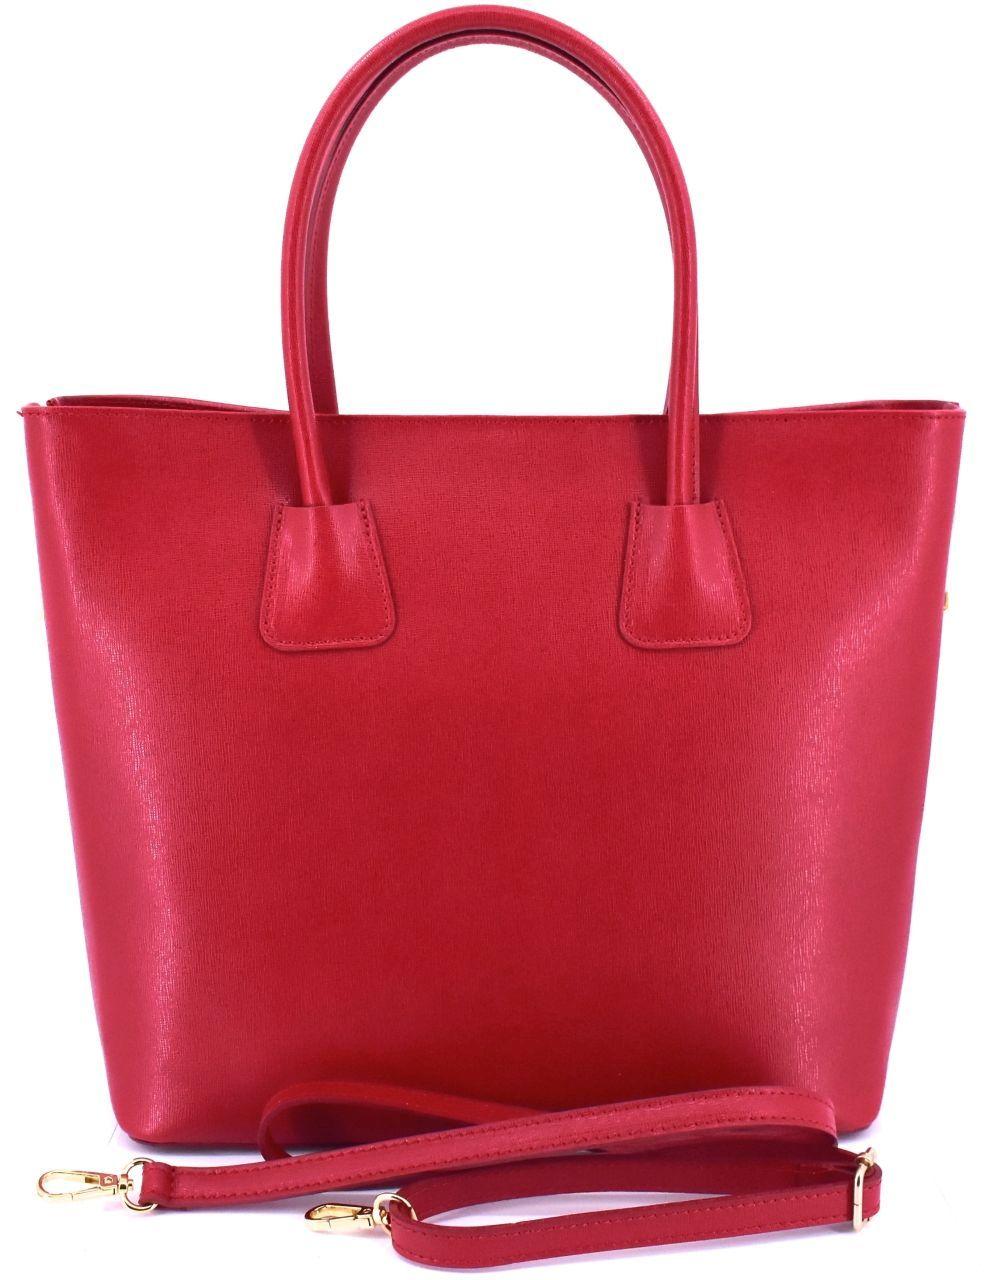 Moderní dámská kožená kabelka Arteddy - červená 40912